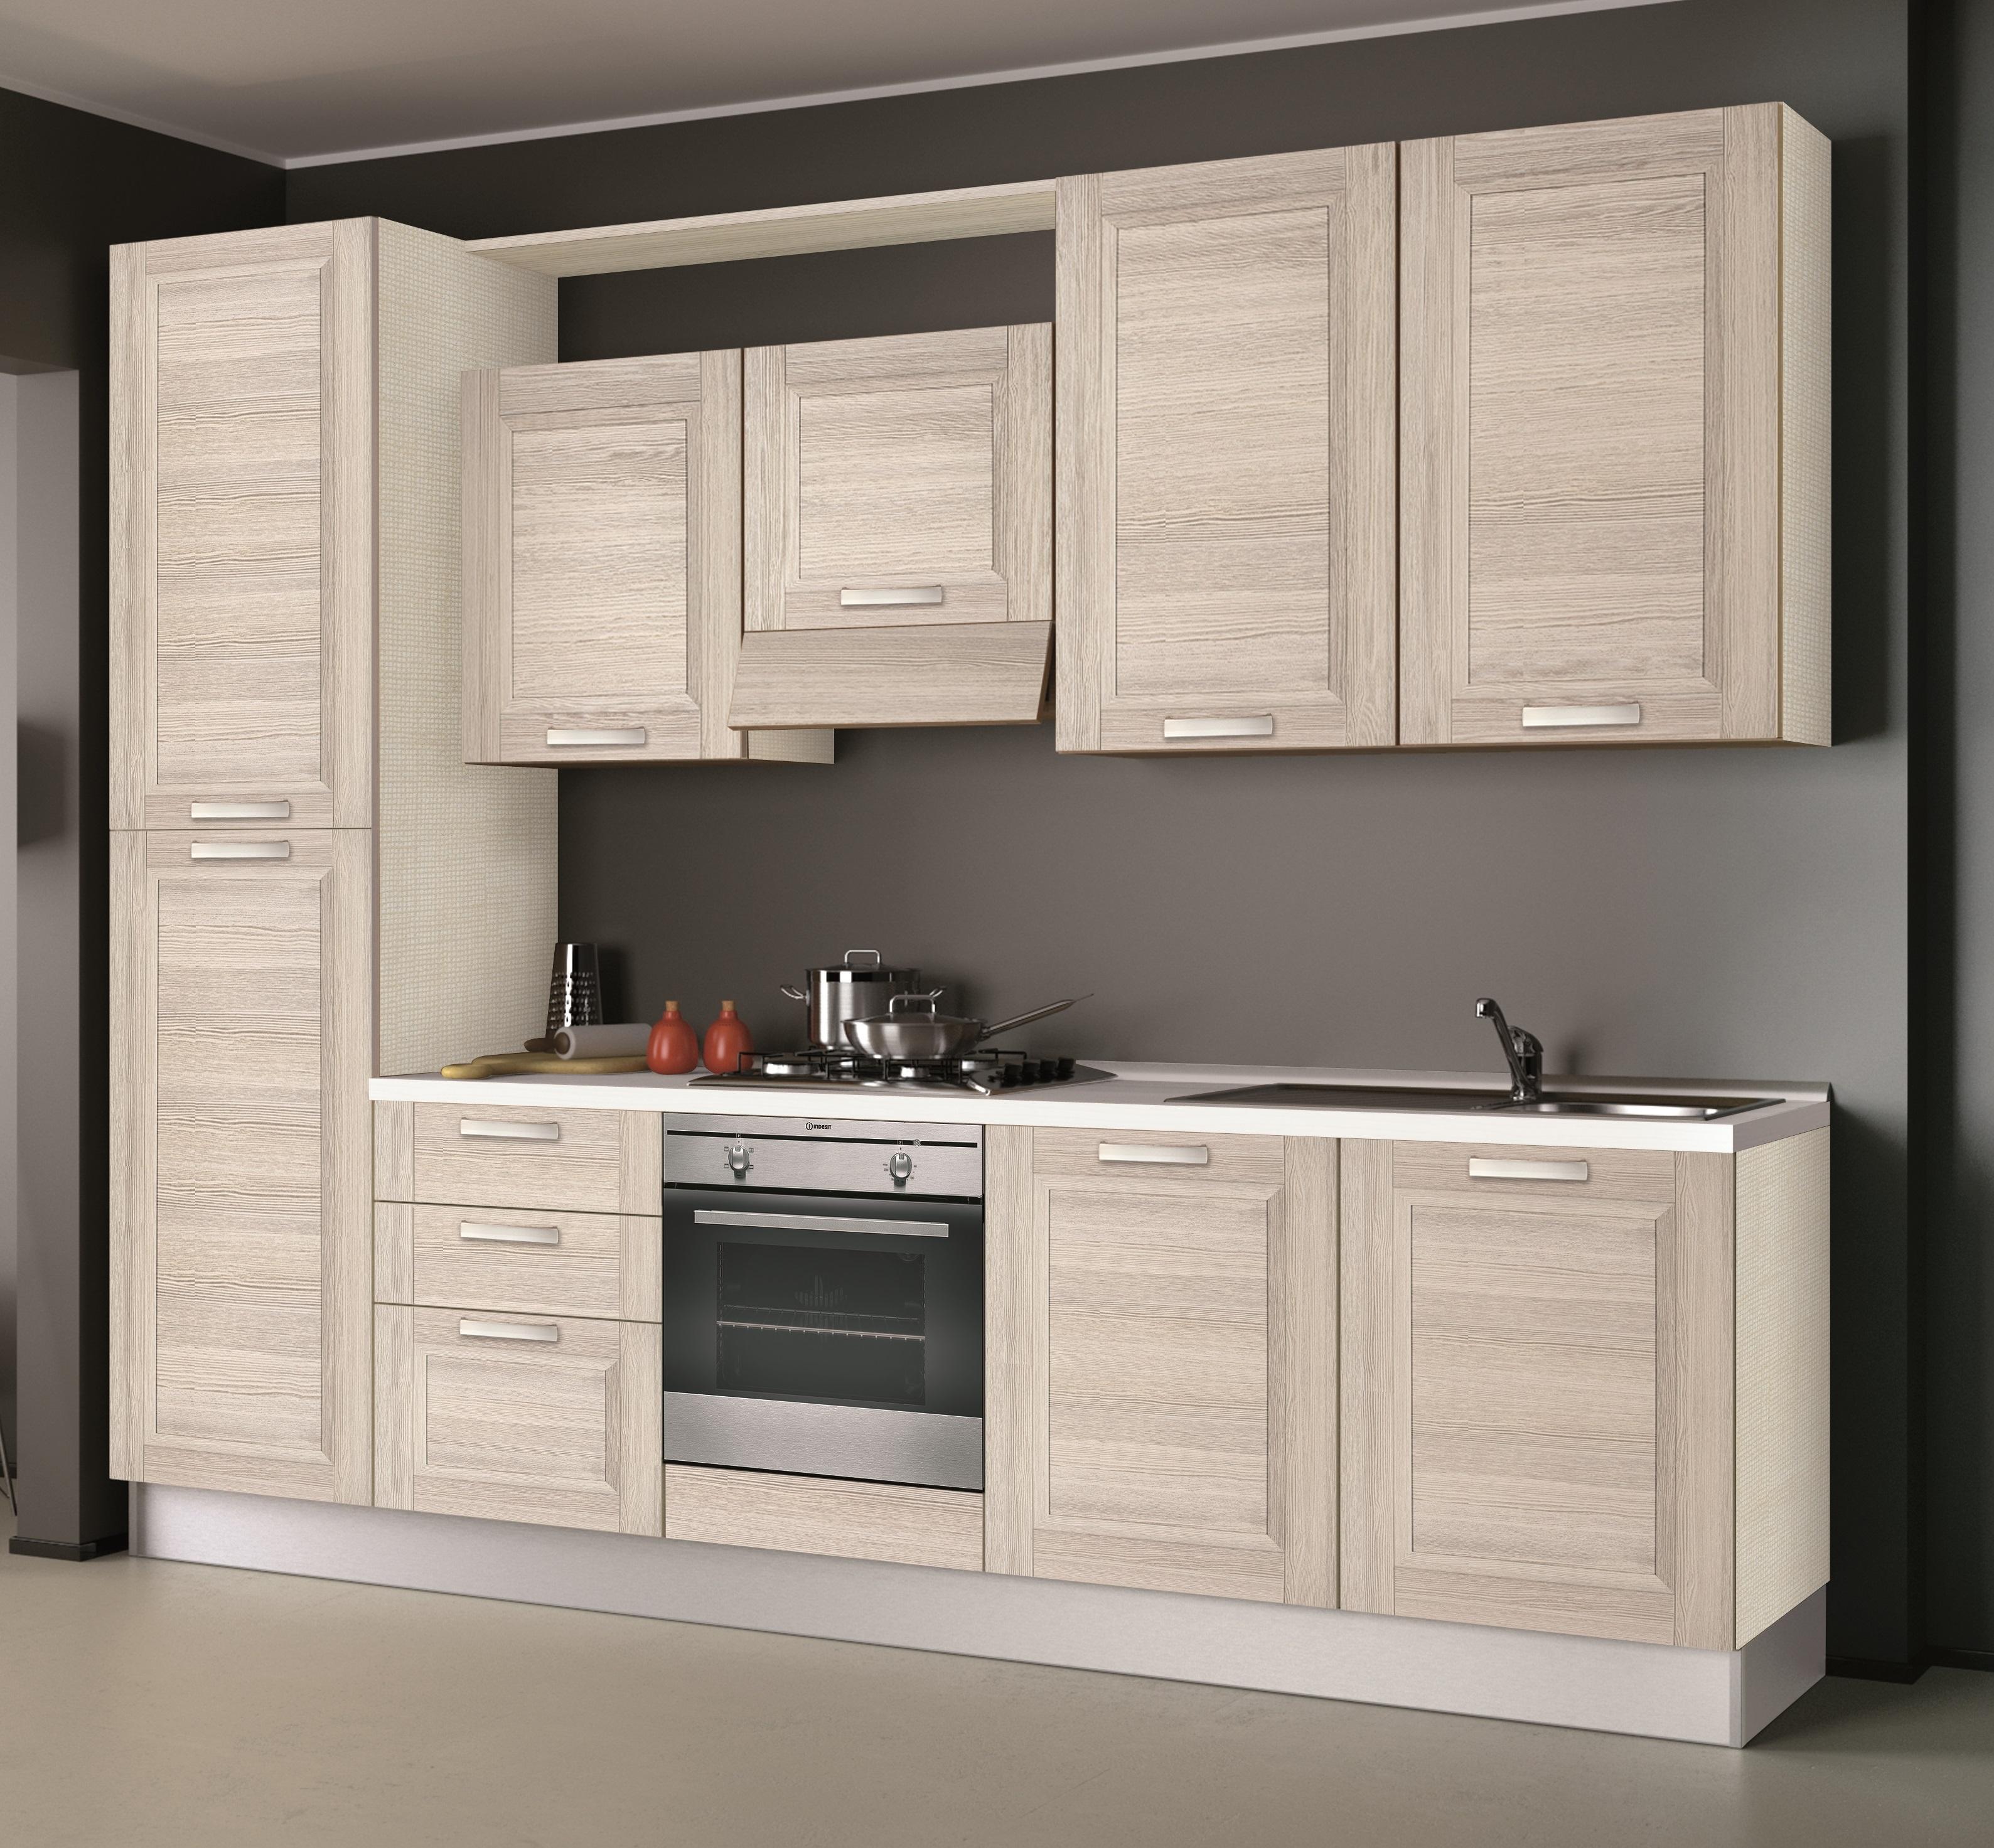 Cucine In Larice. Top Lavatoio Lavabo Per Bagno In Larice Cm With ...